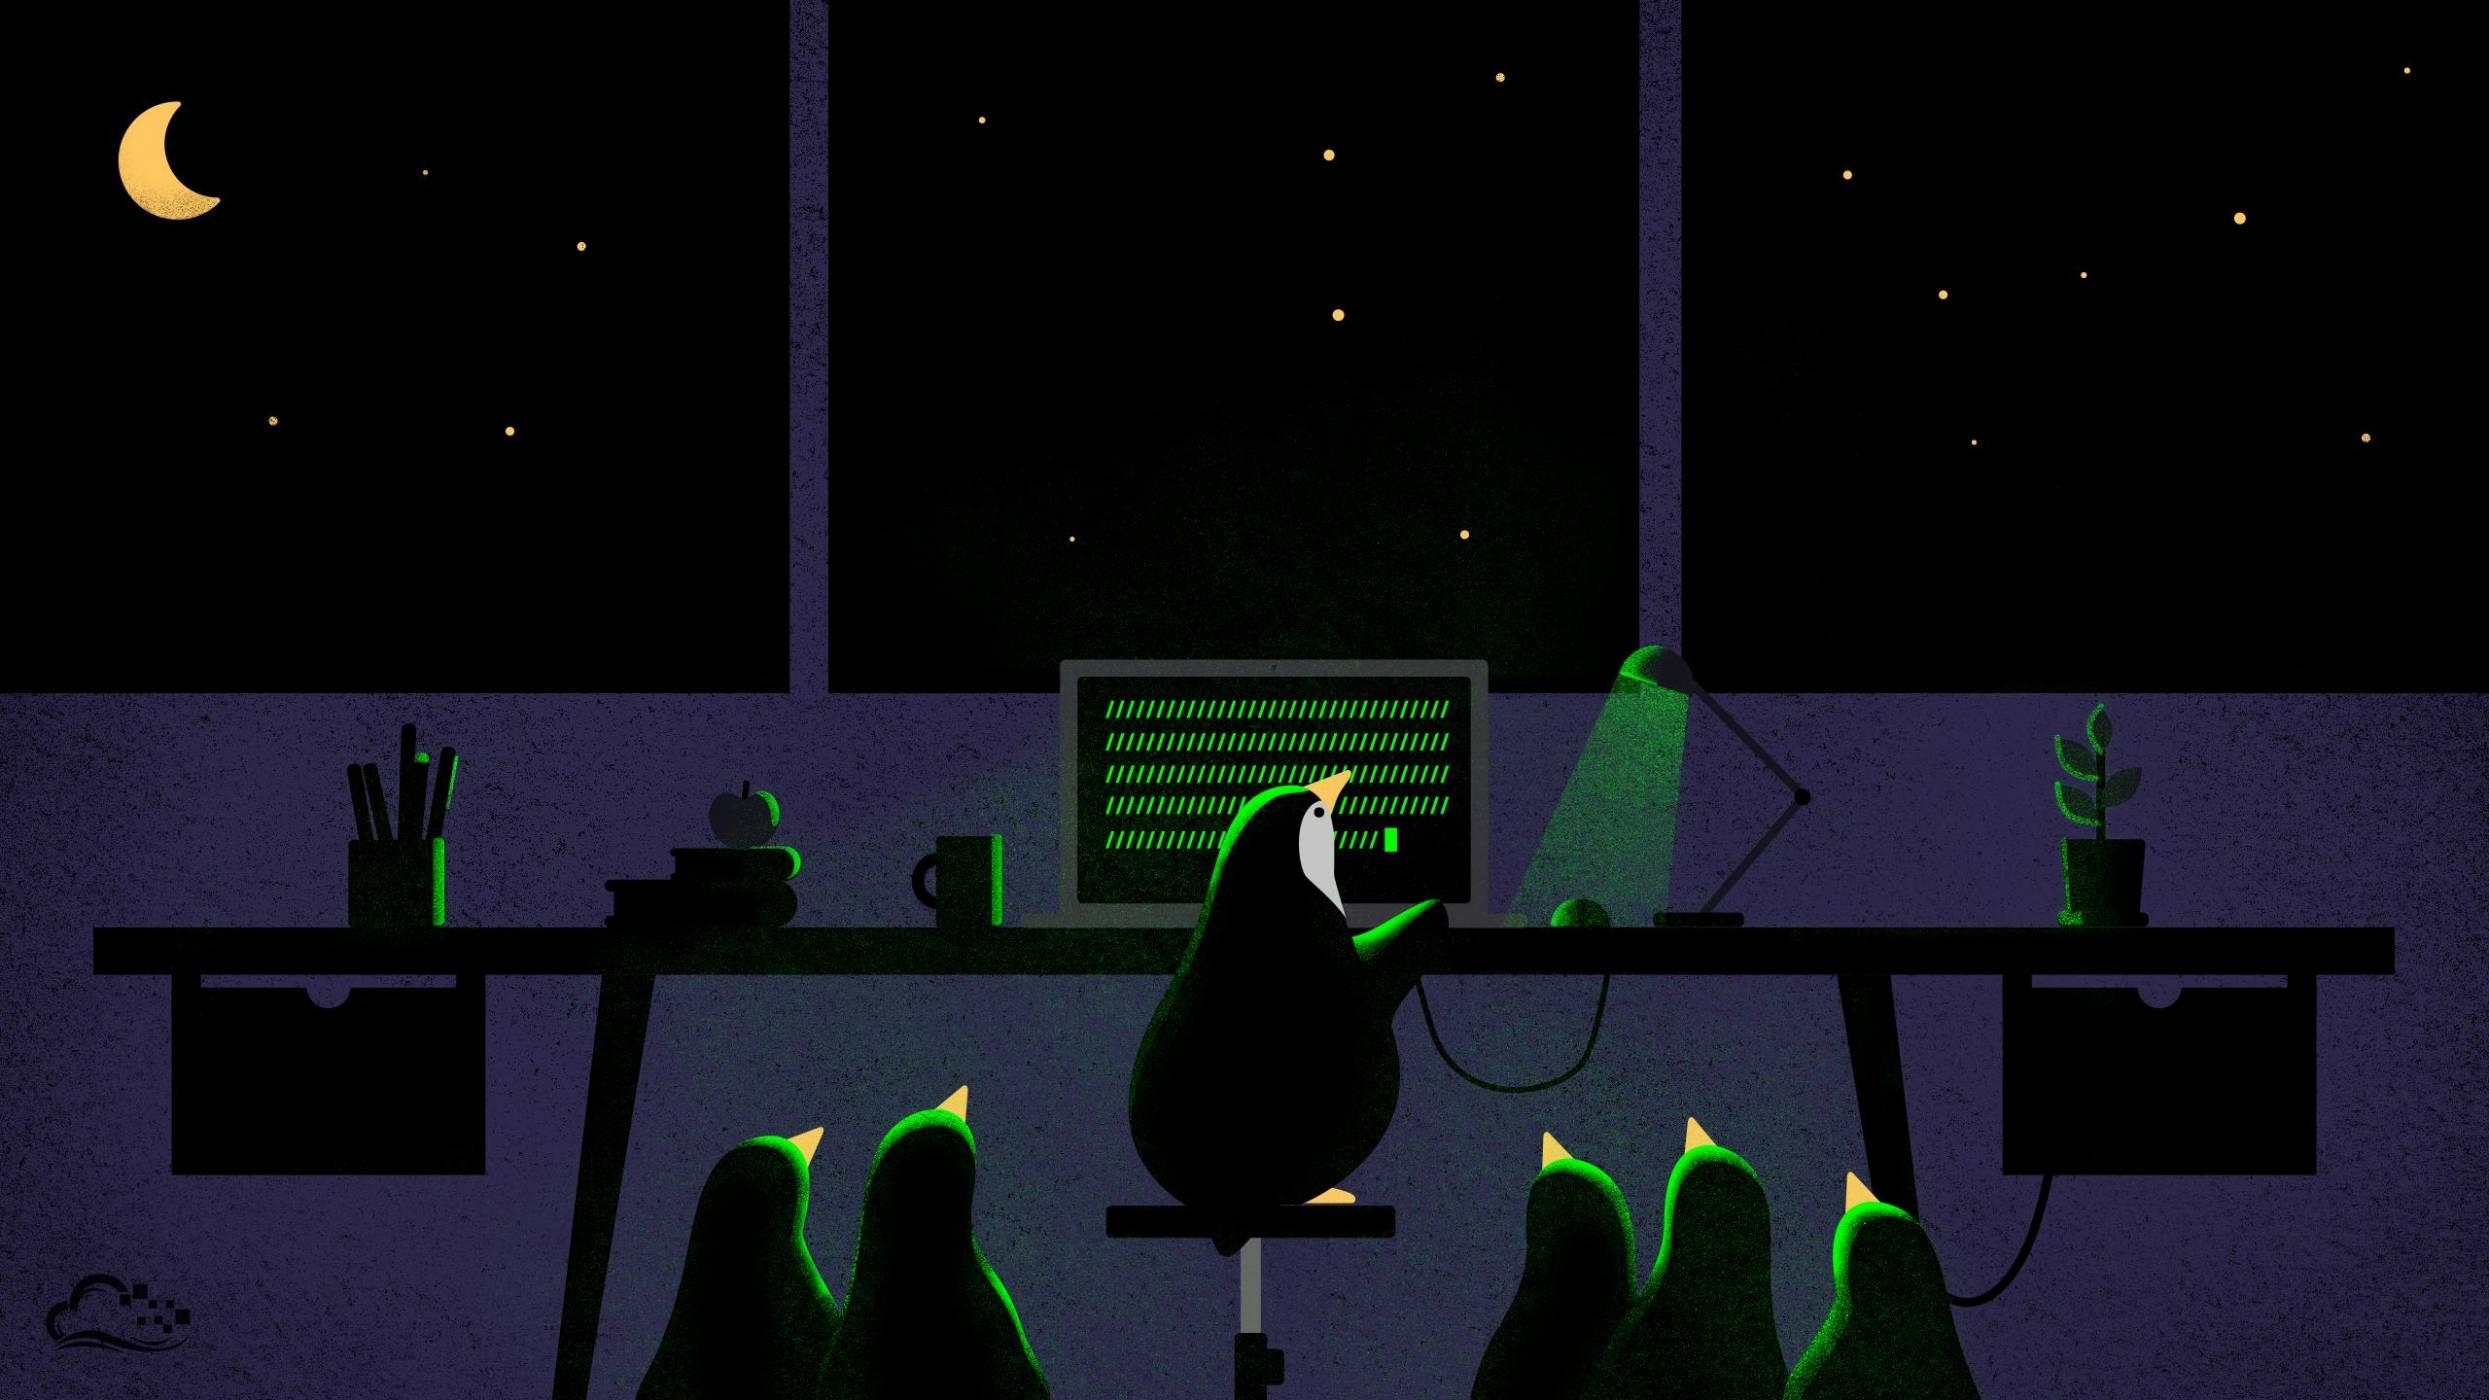 ЧРД, Linux! Нека уважим рождения ден на гениалната операционна система с 27 интересни факта